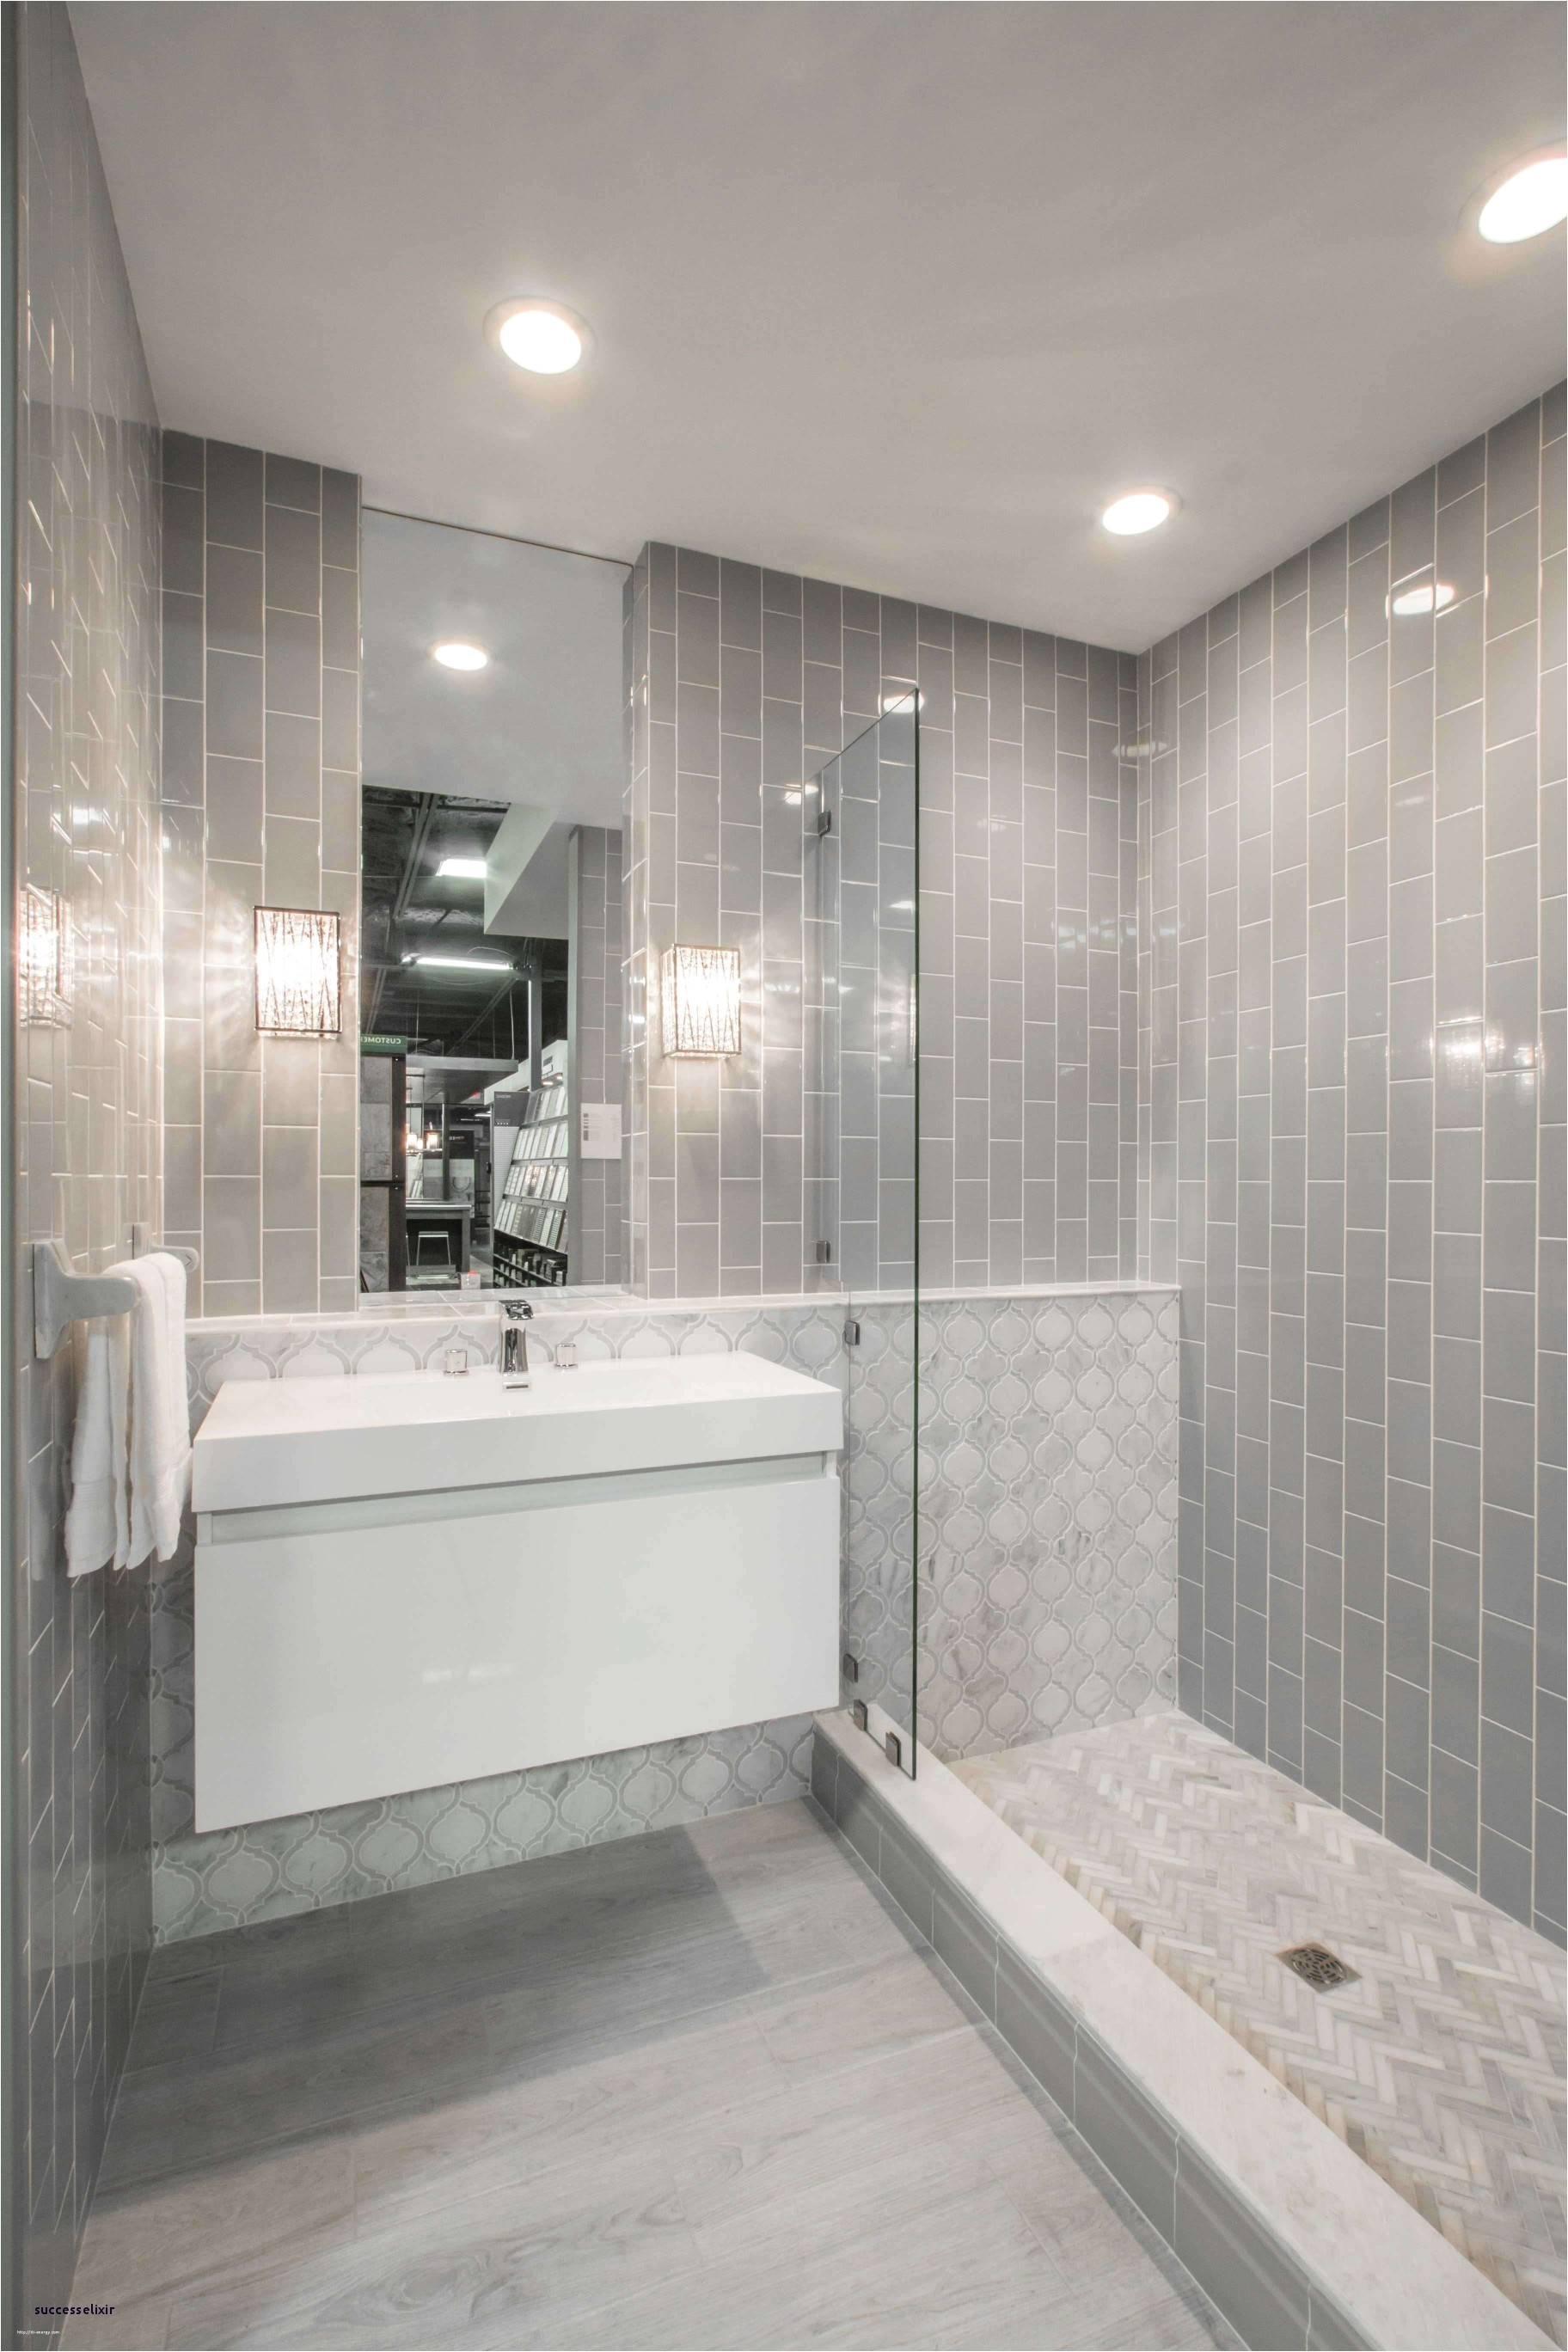 modern bathroom shower design ideas marvelous small bathroom shower tile ideas of modern bathroom shower design ideas